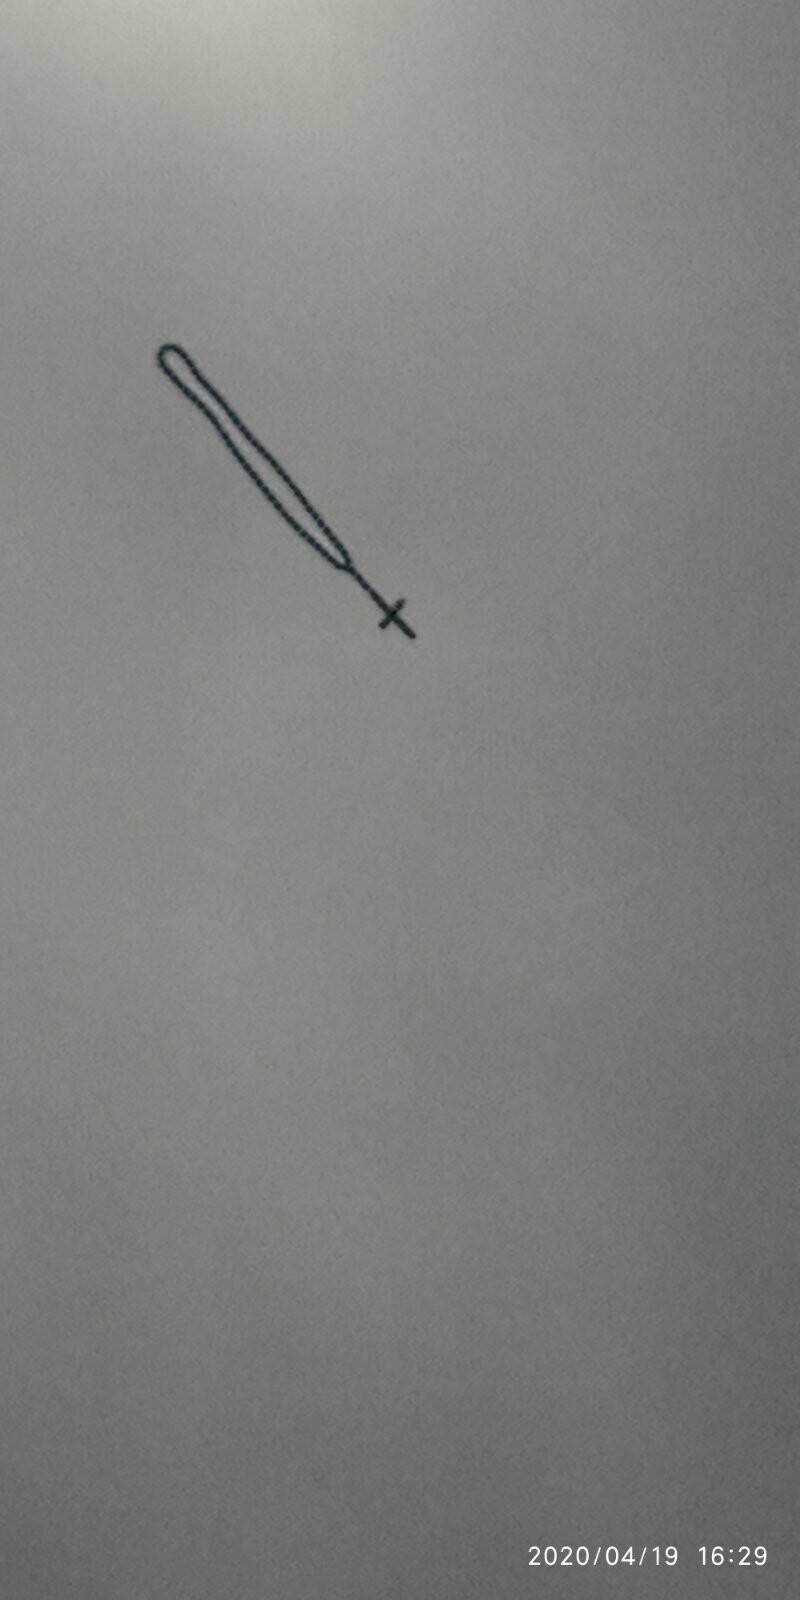 Великдень у Трускавці: над містом літала вервиця із надувних шарів. Фото, фото-1, 03247.com.ua